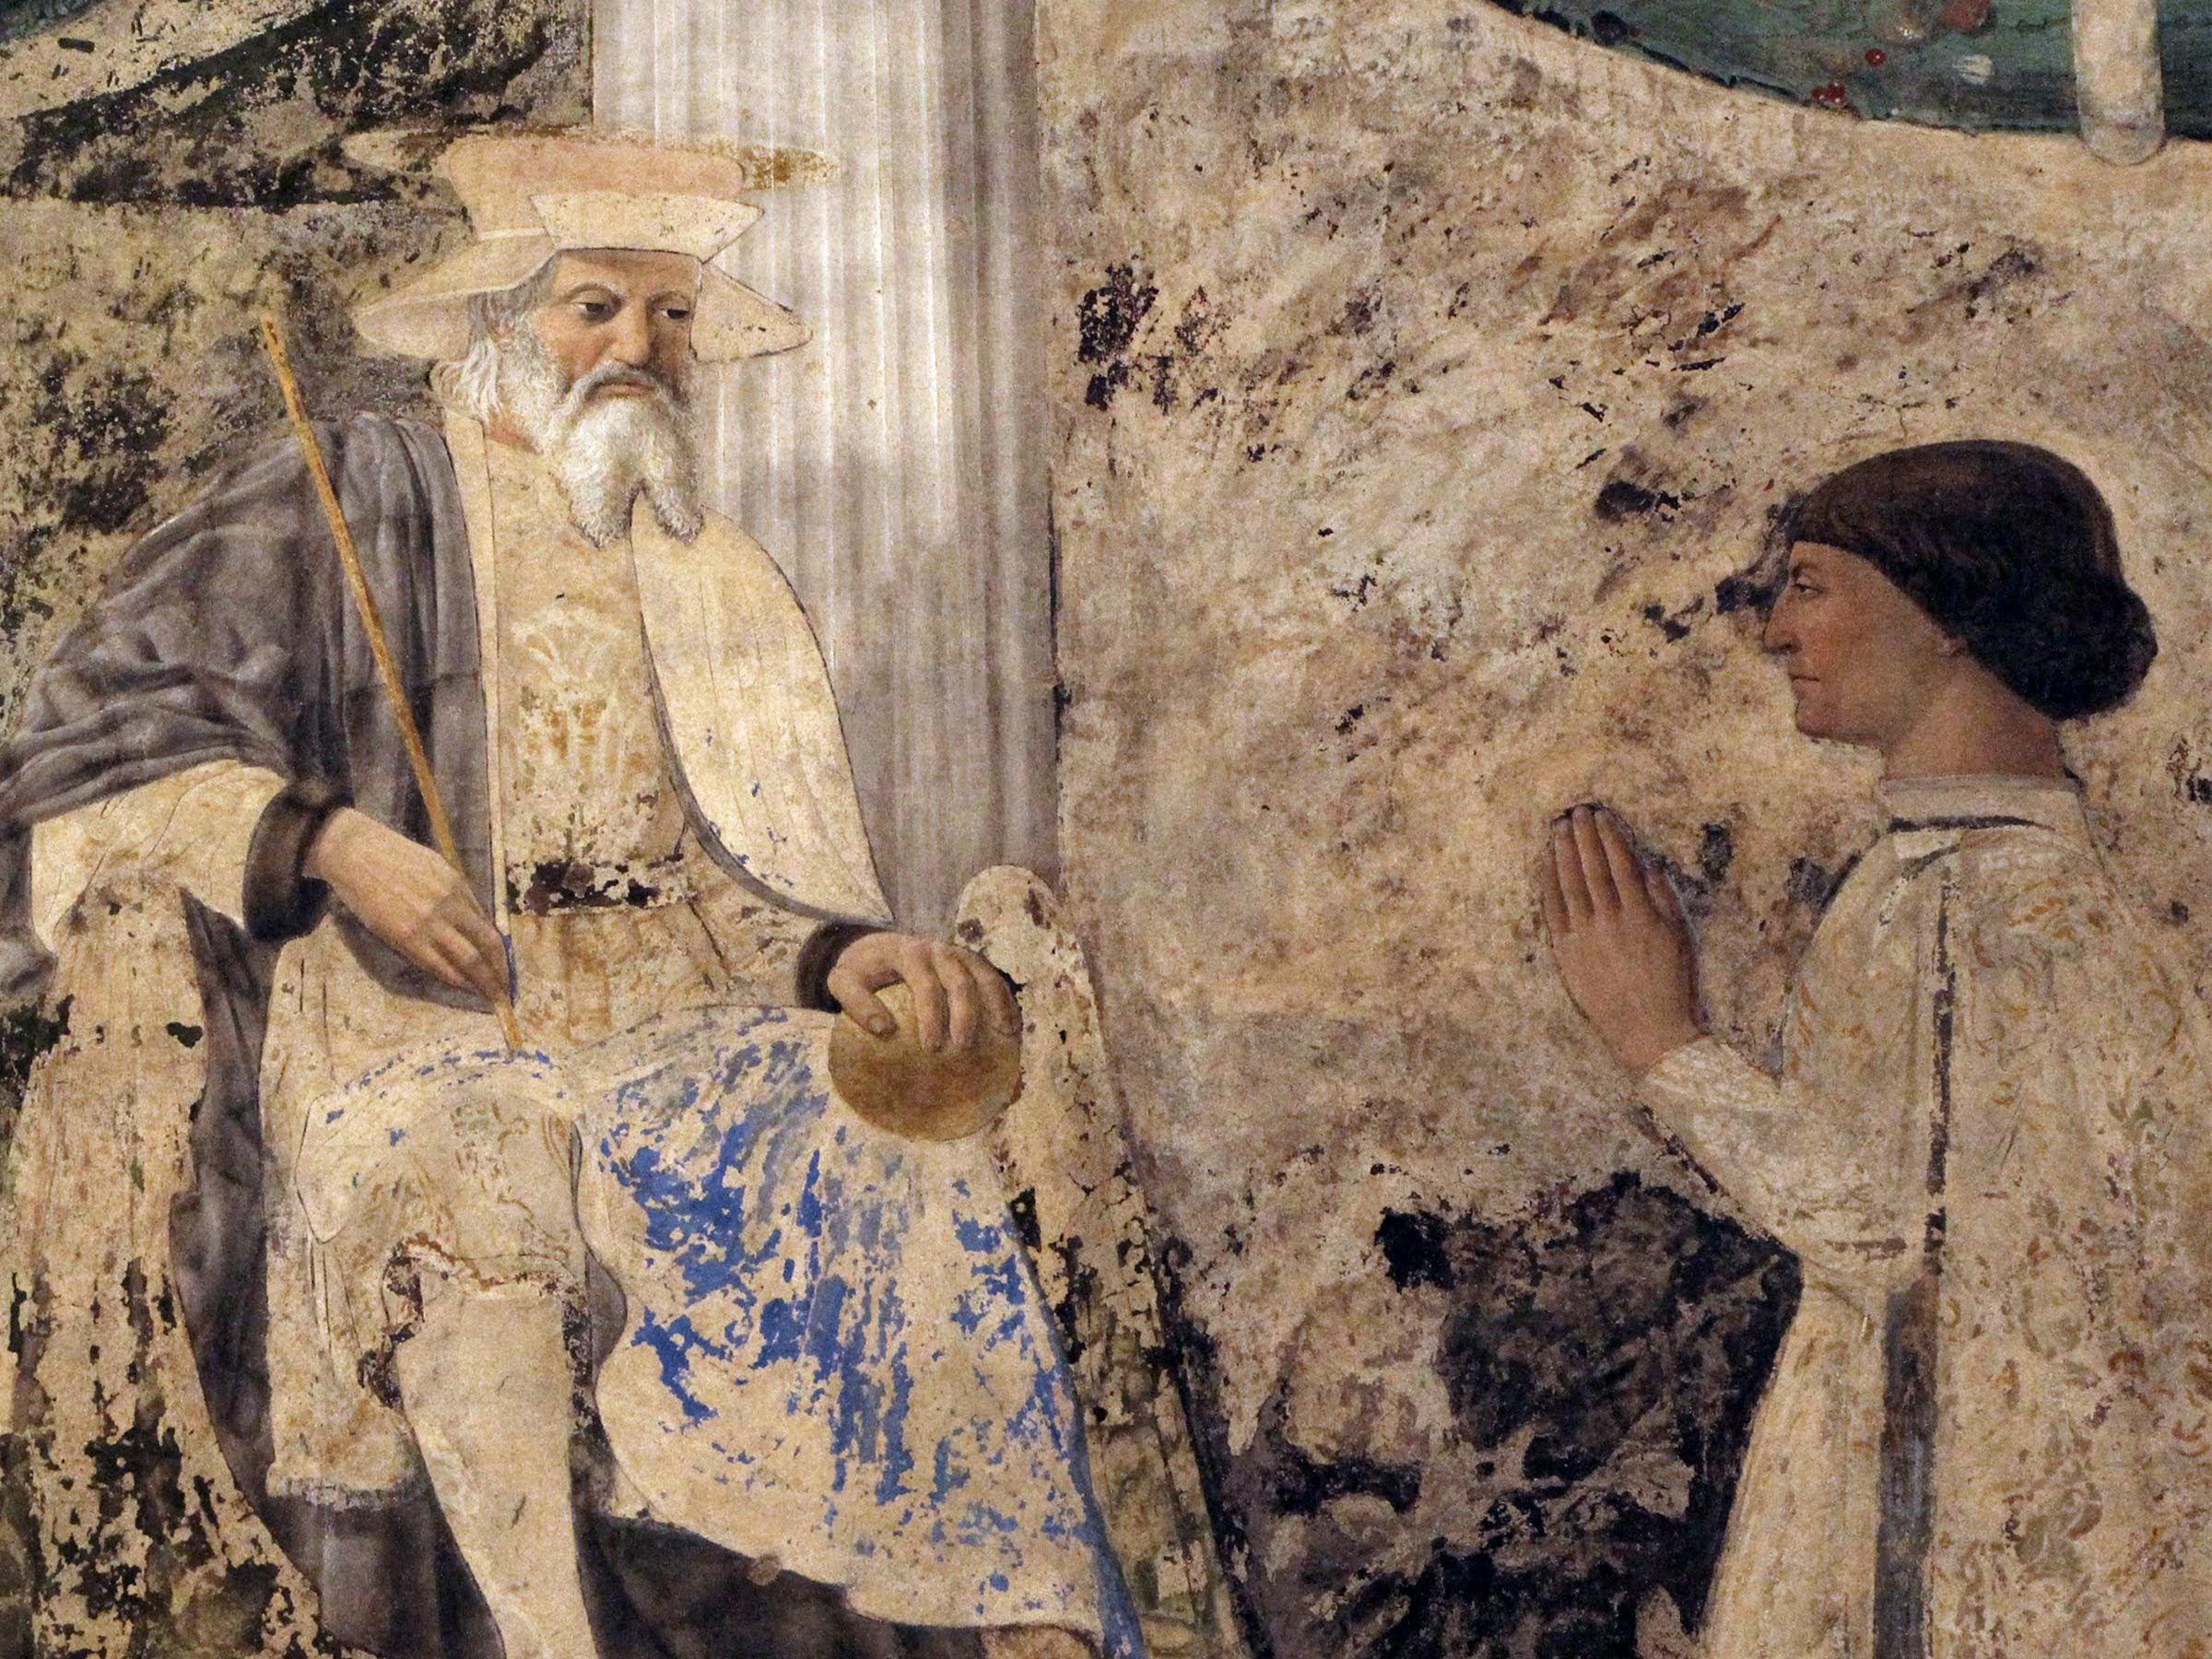 Piero della Francesca,Sigismondo Pandolfo Malatesta in preghiera davanti a san Sigismondo, (particolare),Tempio Malatestiano, Rimini